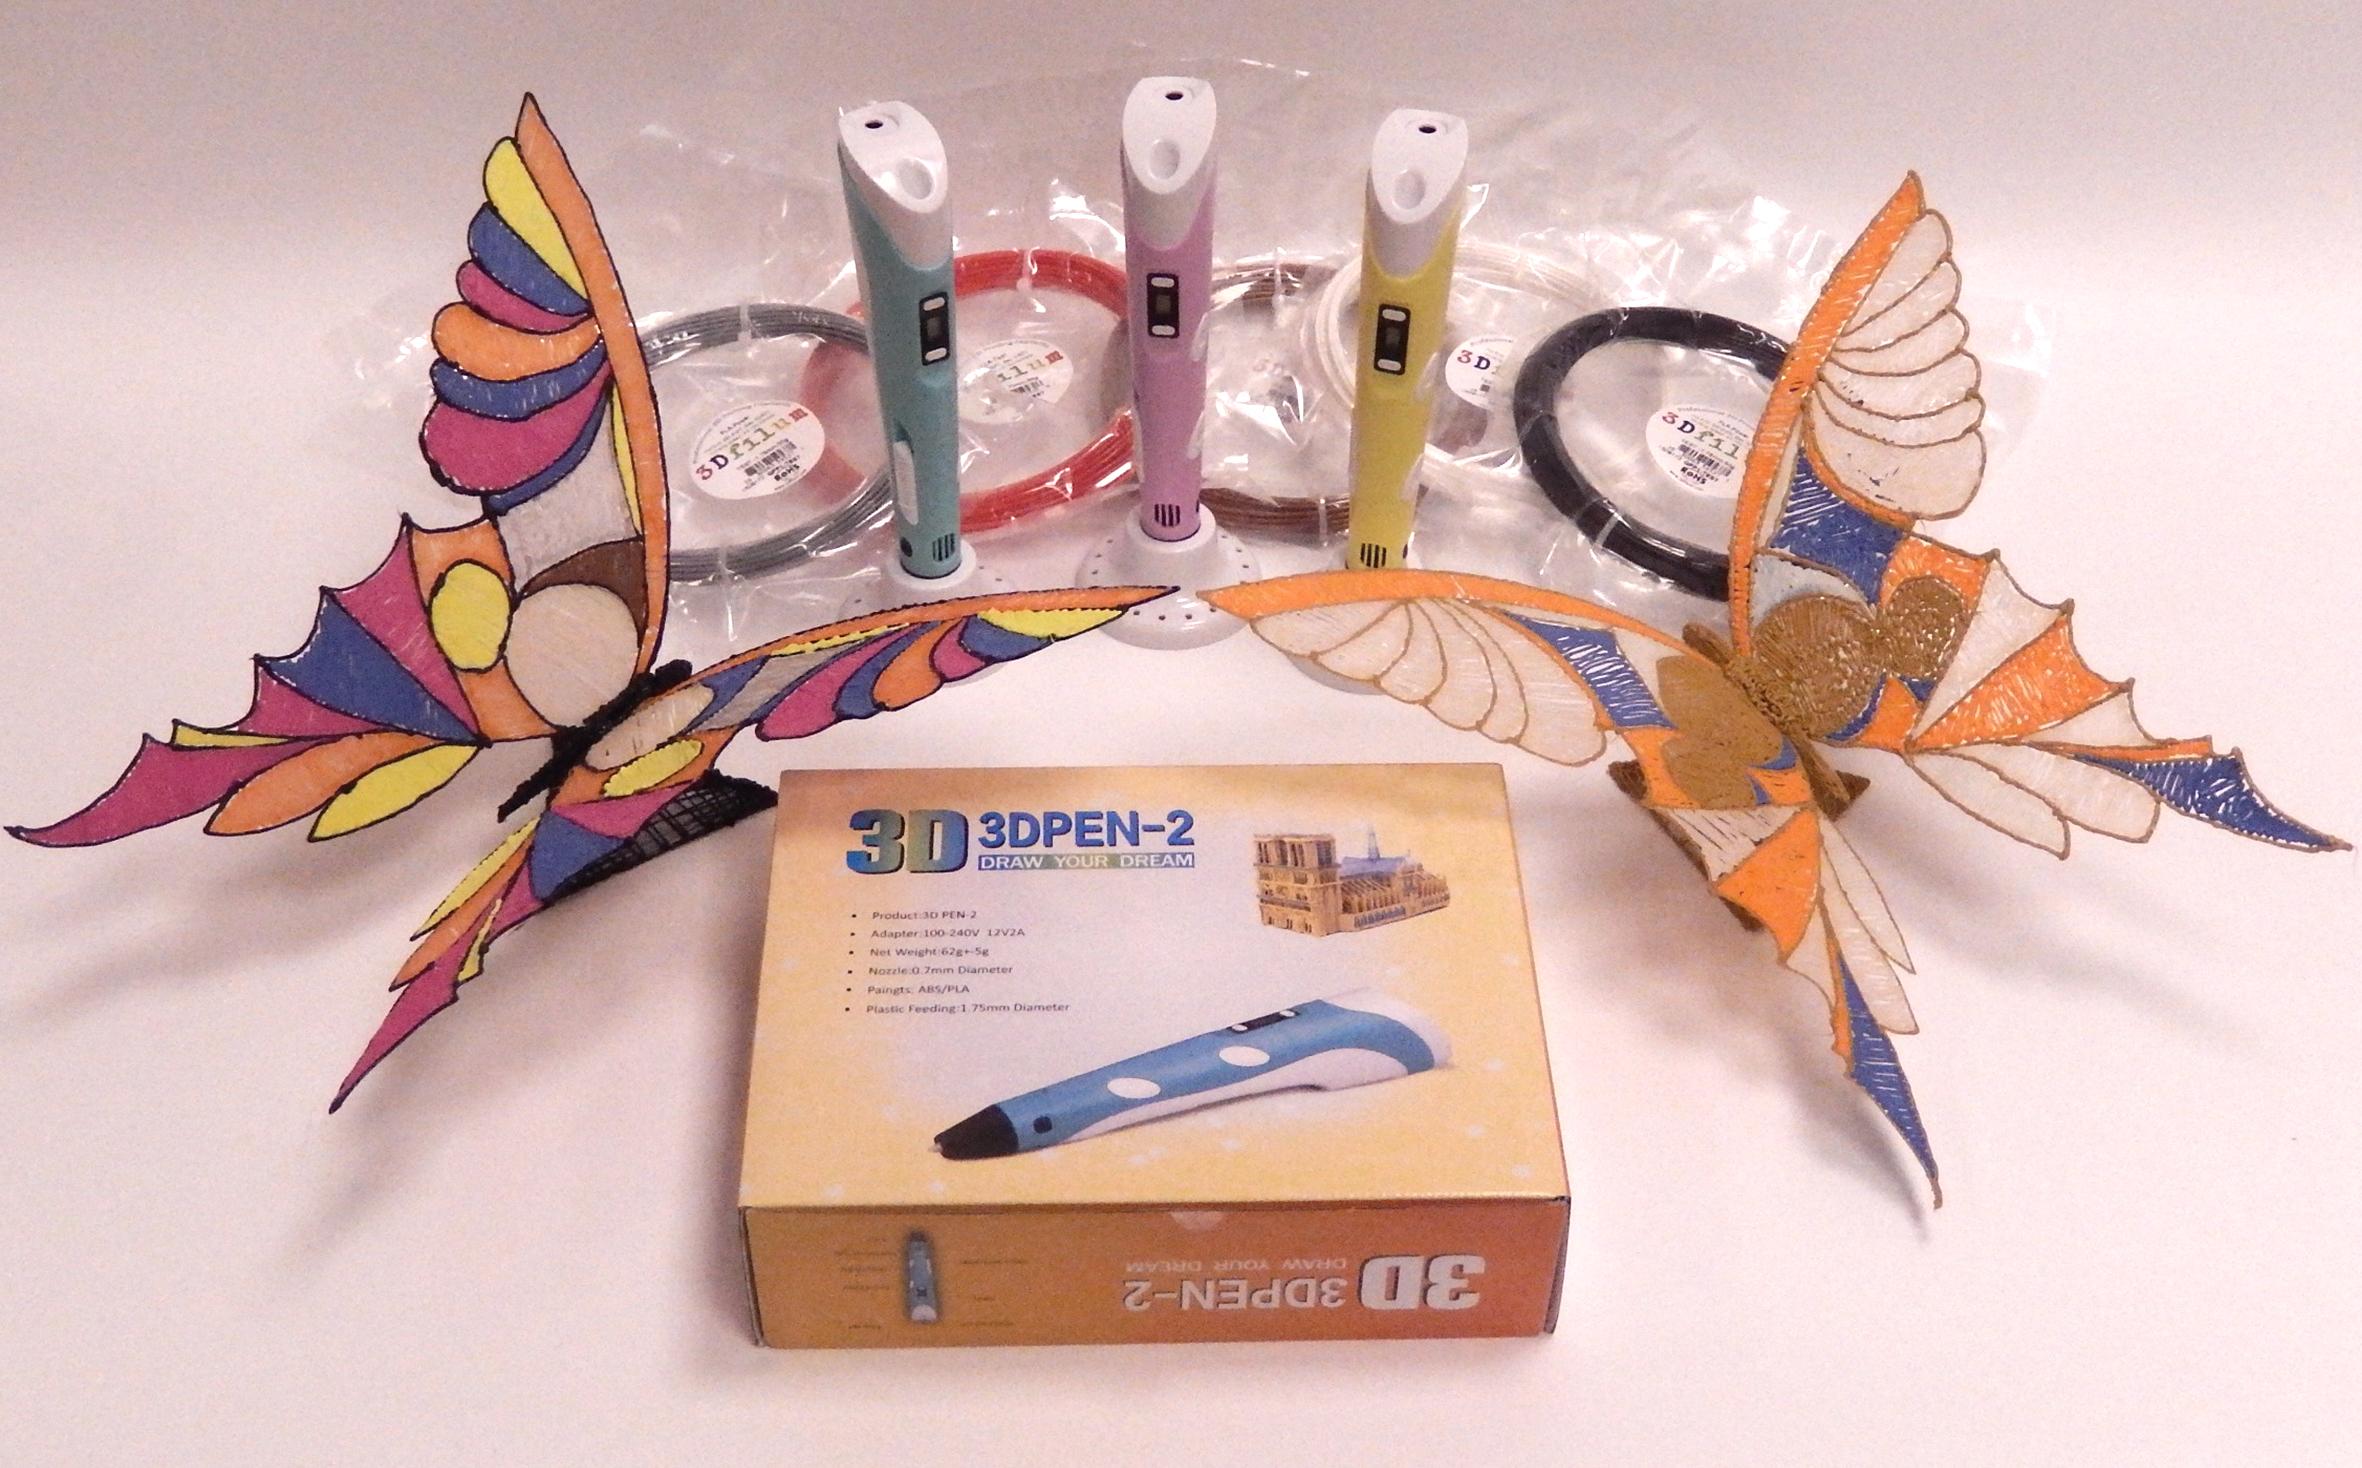 Penna 3D di 3Dfilum.com